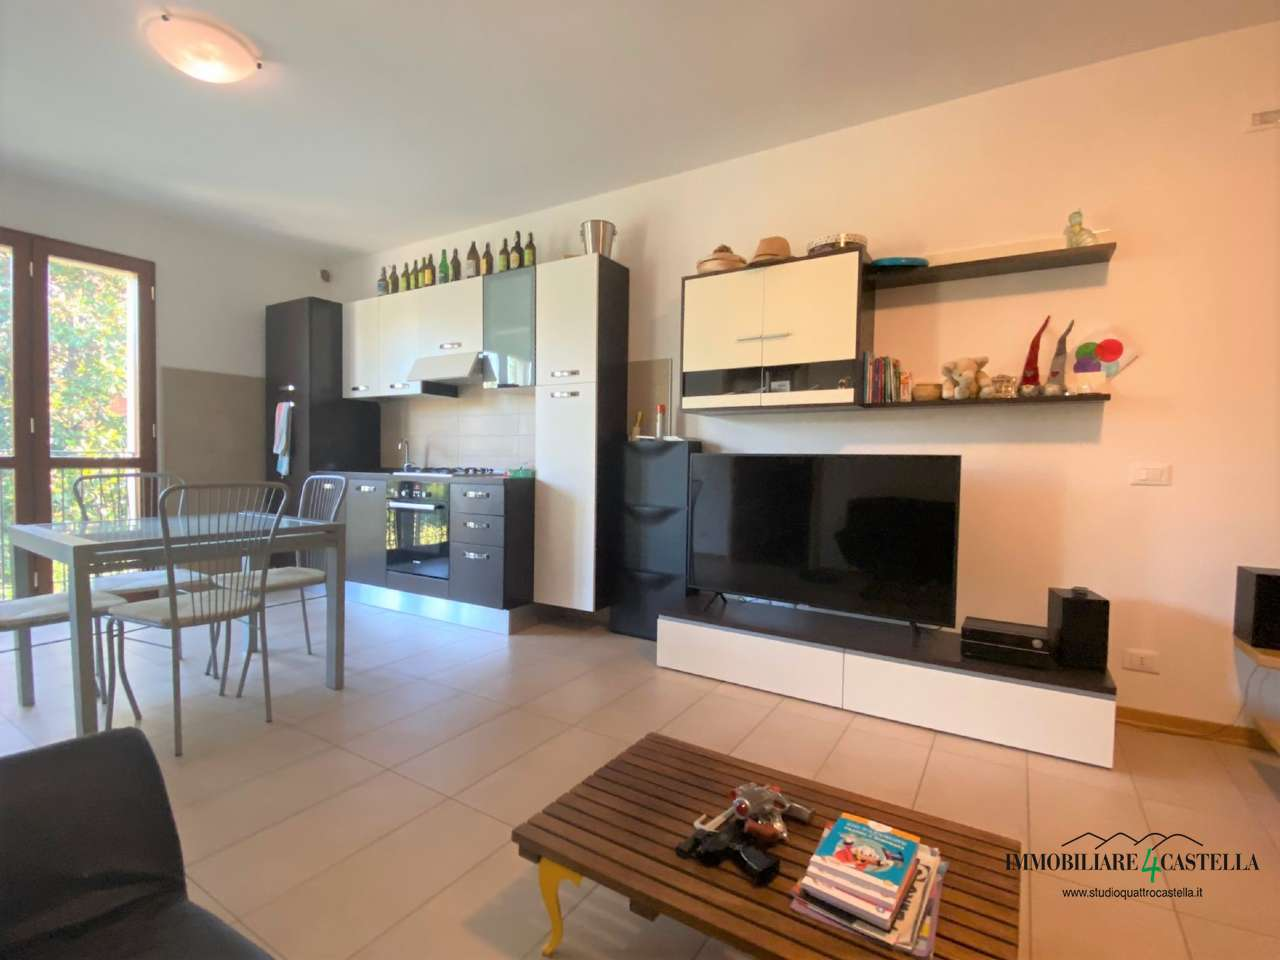 Appartamento in vendita a Quattro Castella, 3 locali, prezzo € 180.000 | PortaleAgenzieImmobiliari.it